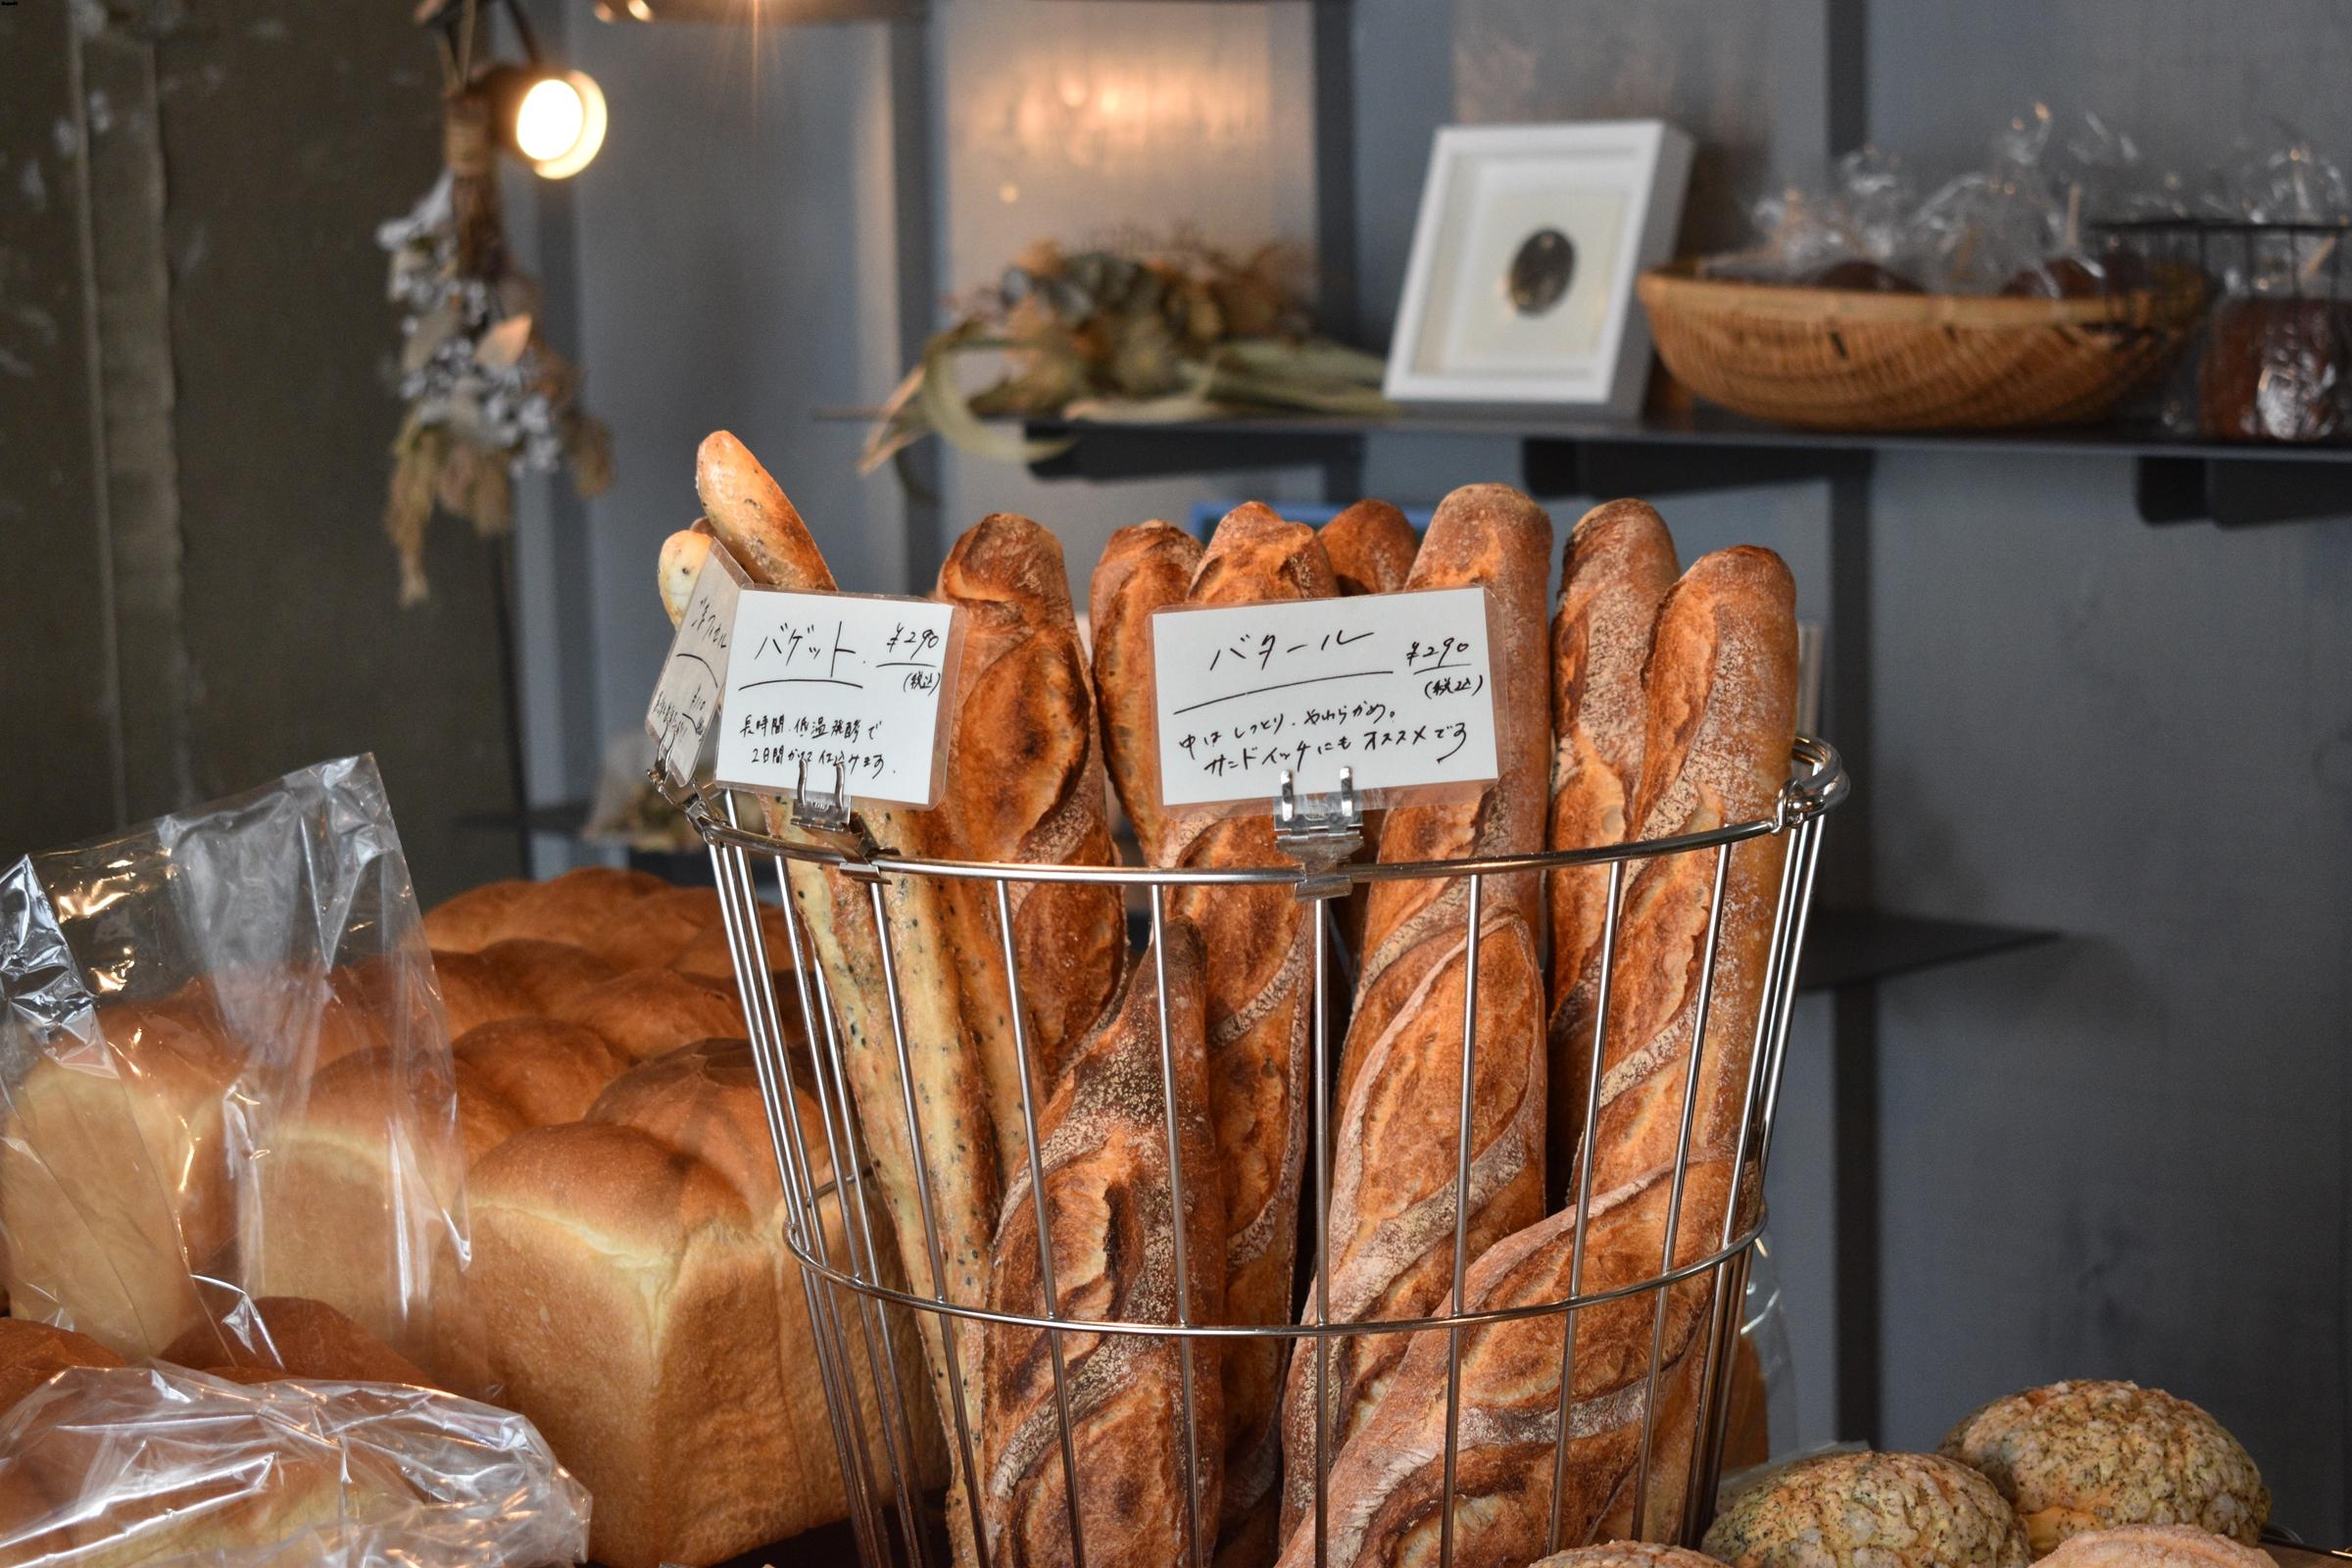 この秋、買いに行きたくなるパン屋さん「トレマタン ブーランジェリー」 - r DSC 1138